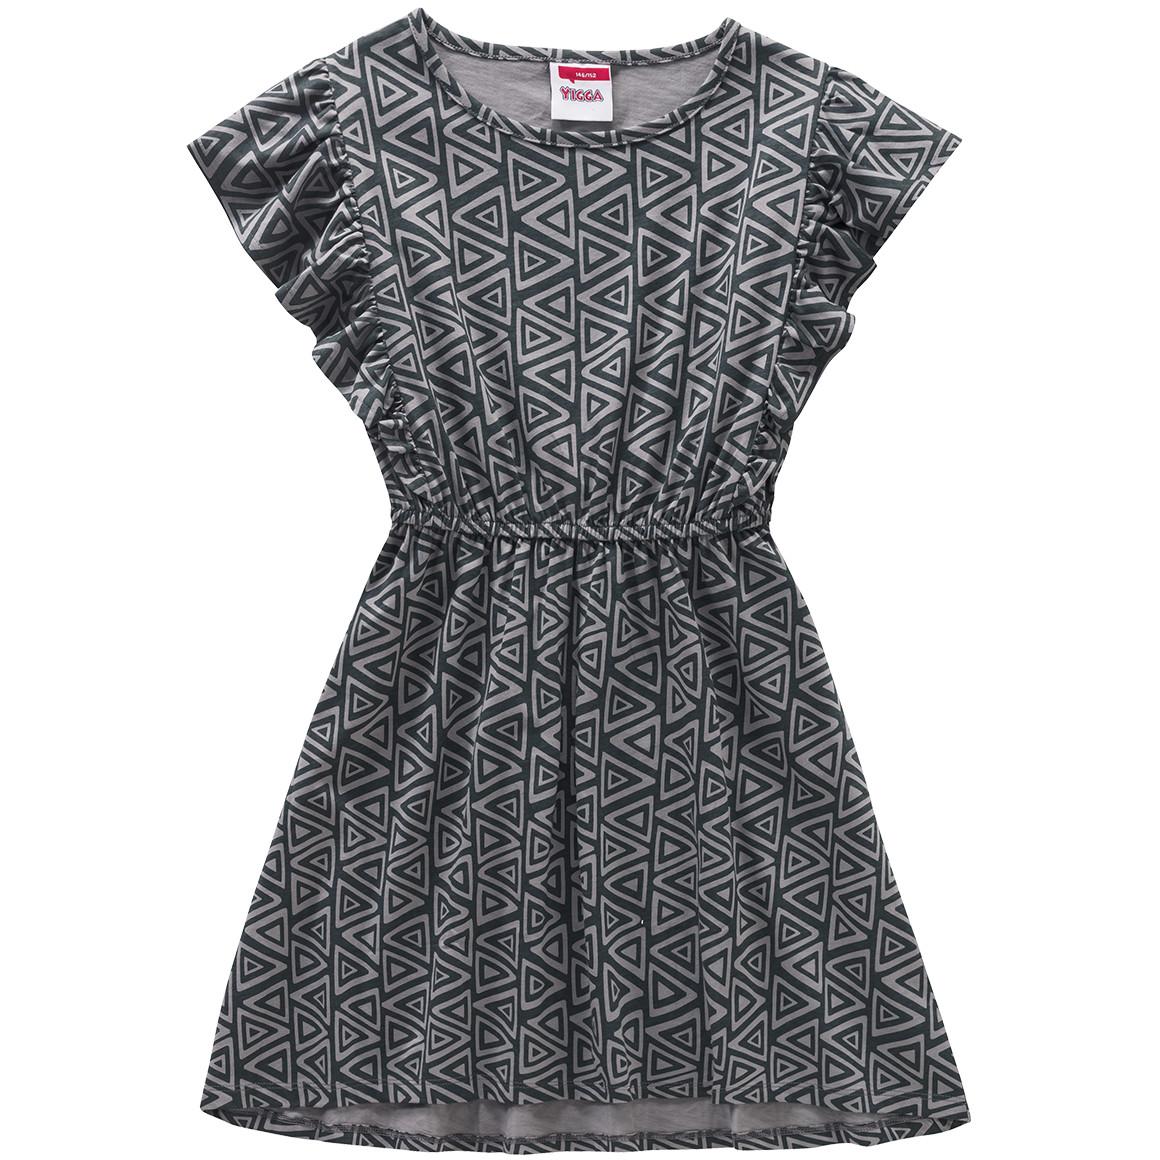 Mädchen Kleid mit grafischem Muster